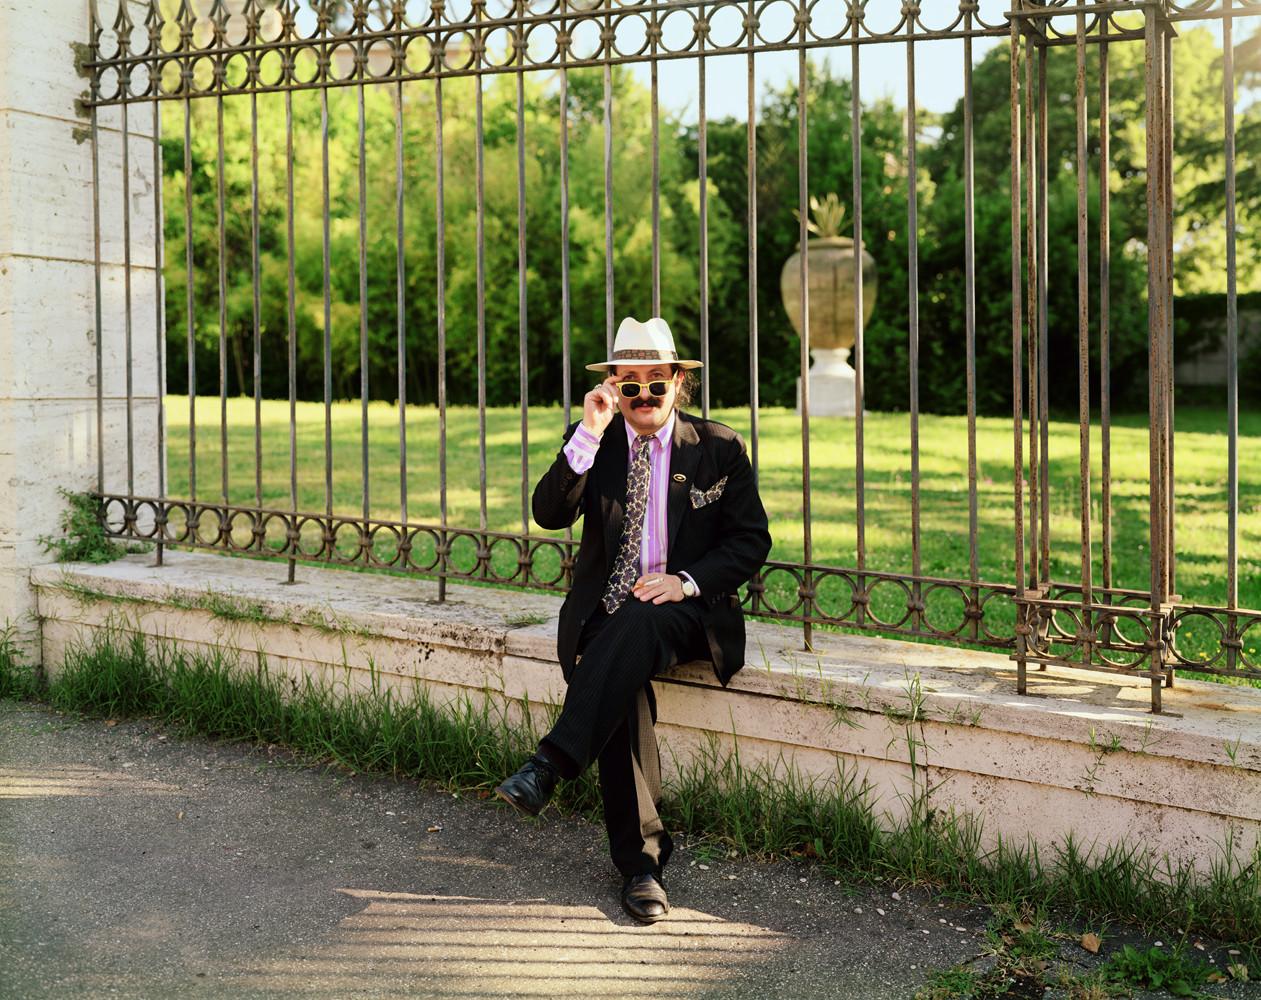 Joel Sternfeld, 'Via Angelo Masina, Rome, September', 1990